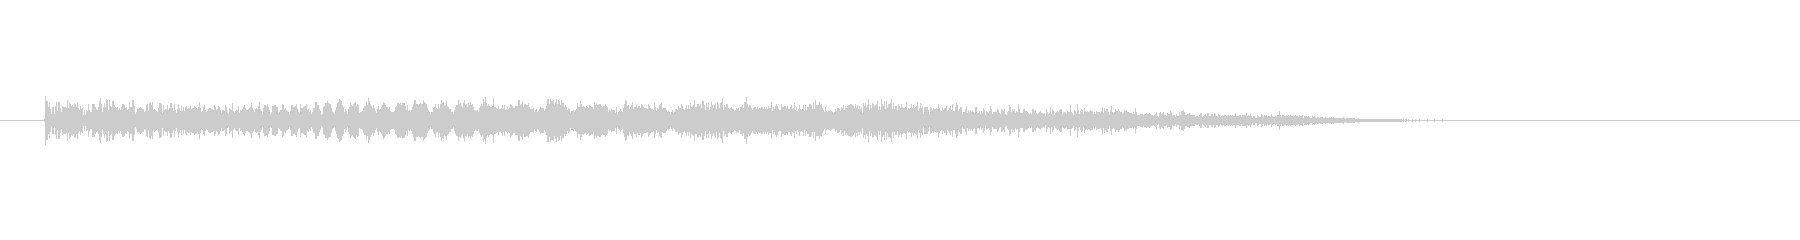 不気味な効果音の未再生の波形